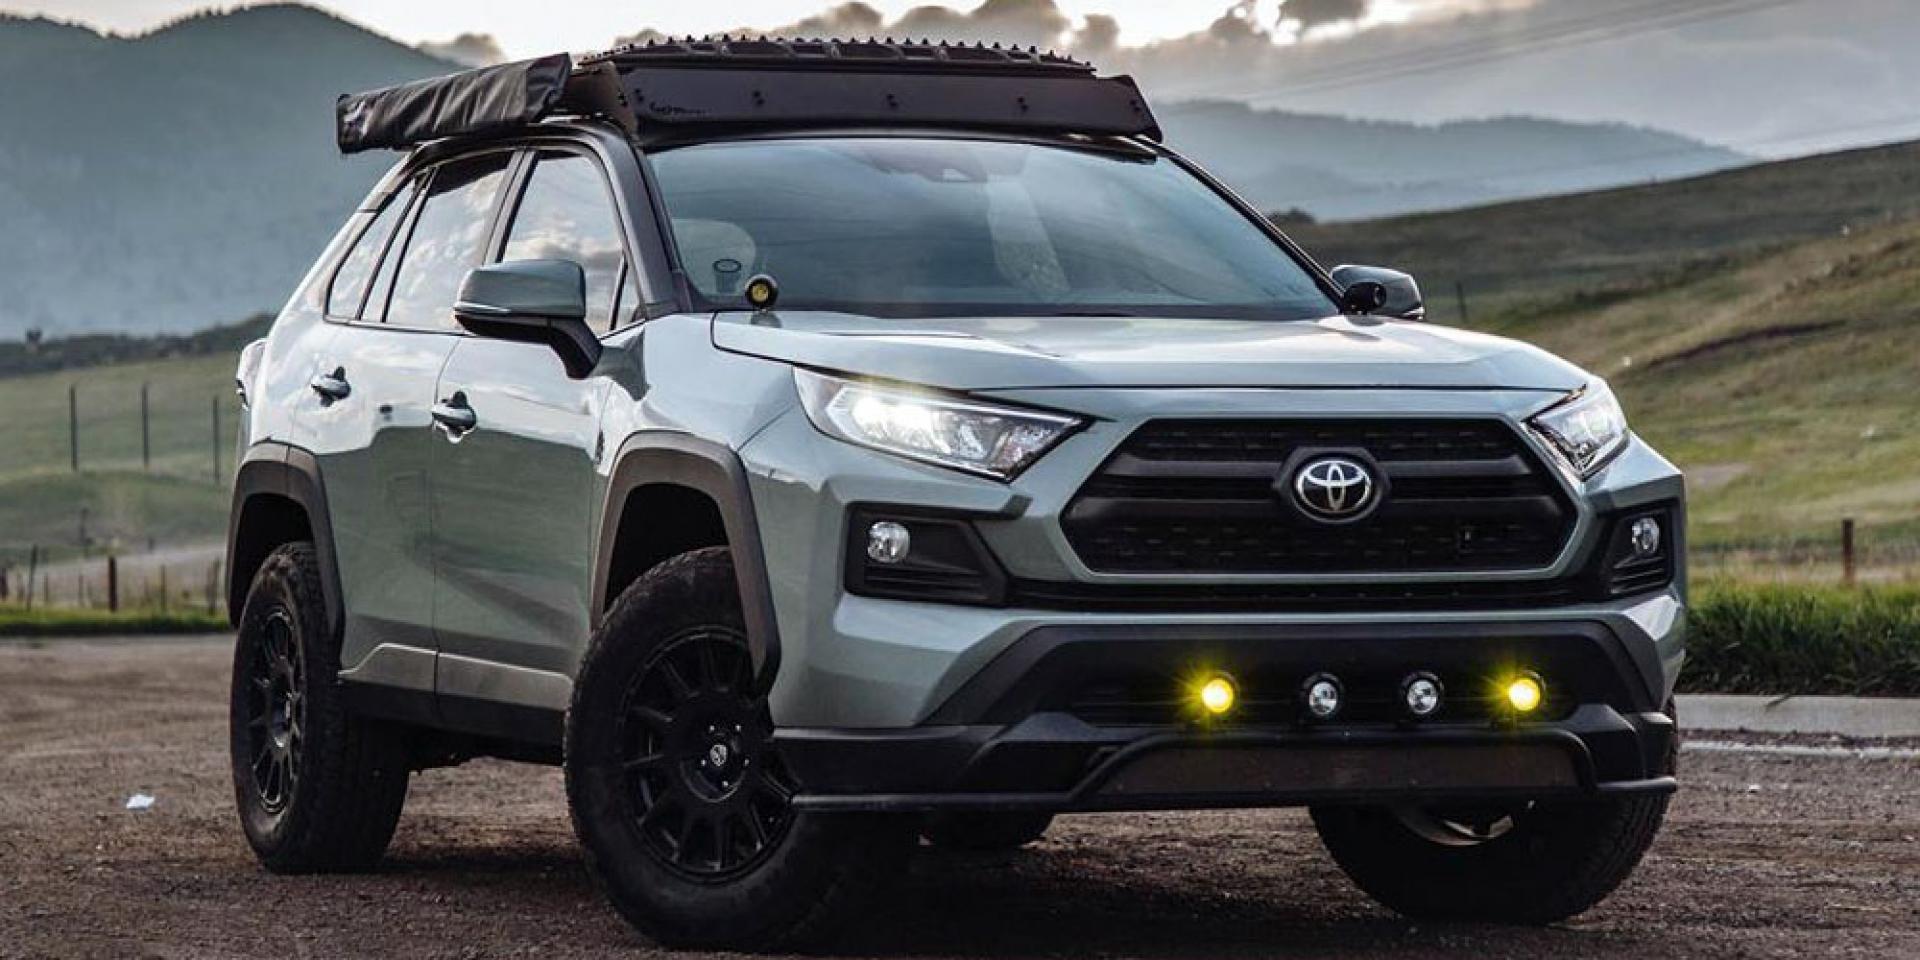 脫下制服的探險猛將,美國冒險玩家的改裝Toyota RAV4